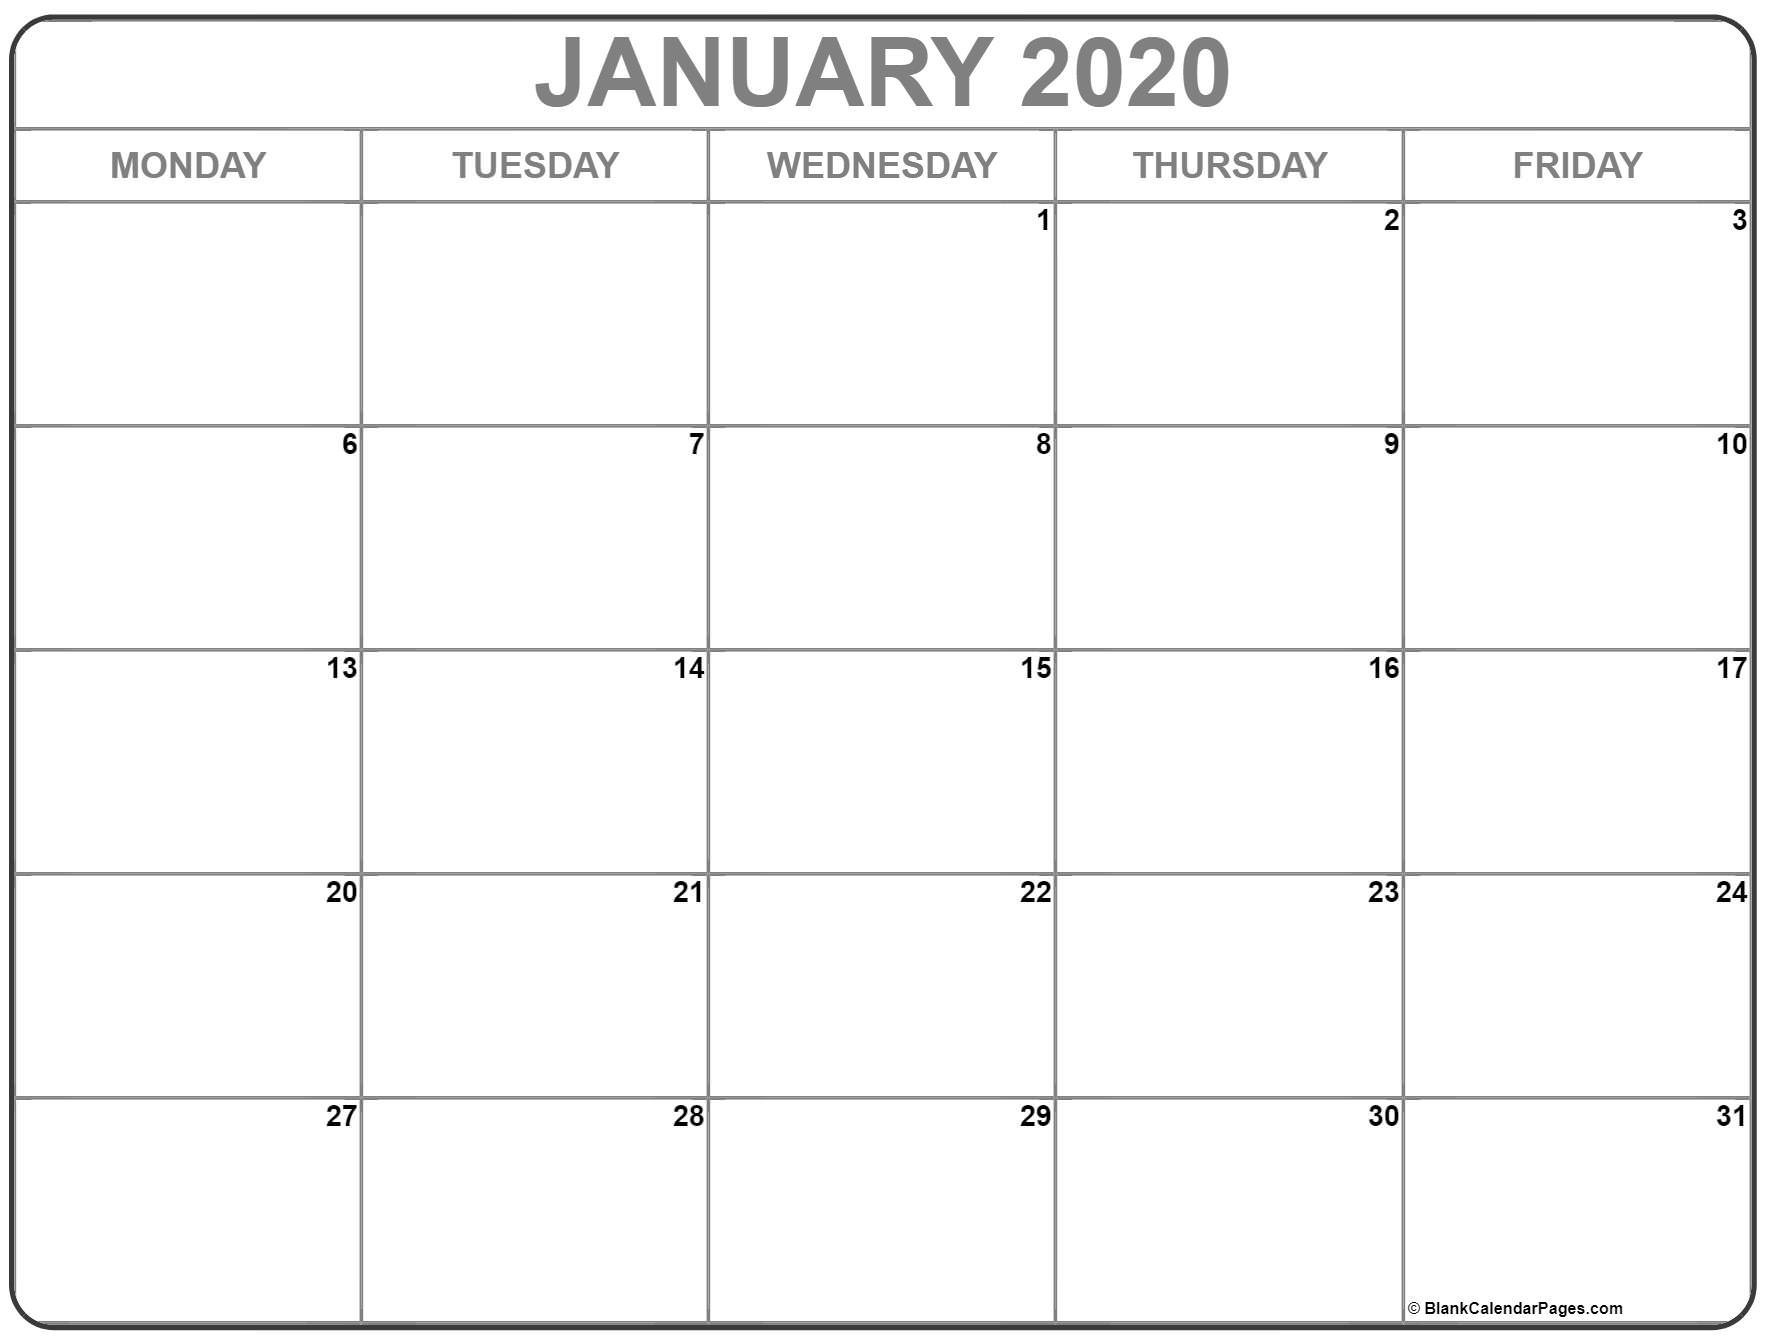 Monday Through Friday Calendar : Free Calendar Template Free Monthly Monday Through Friday Calenar